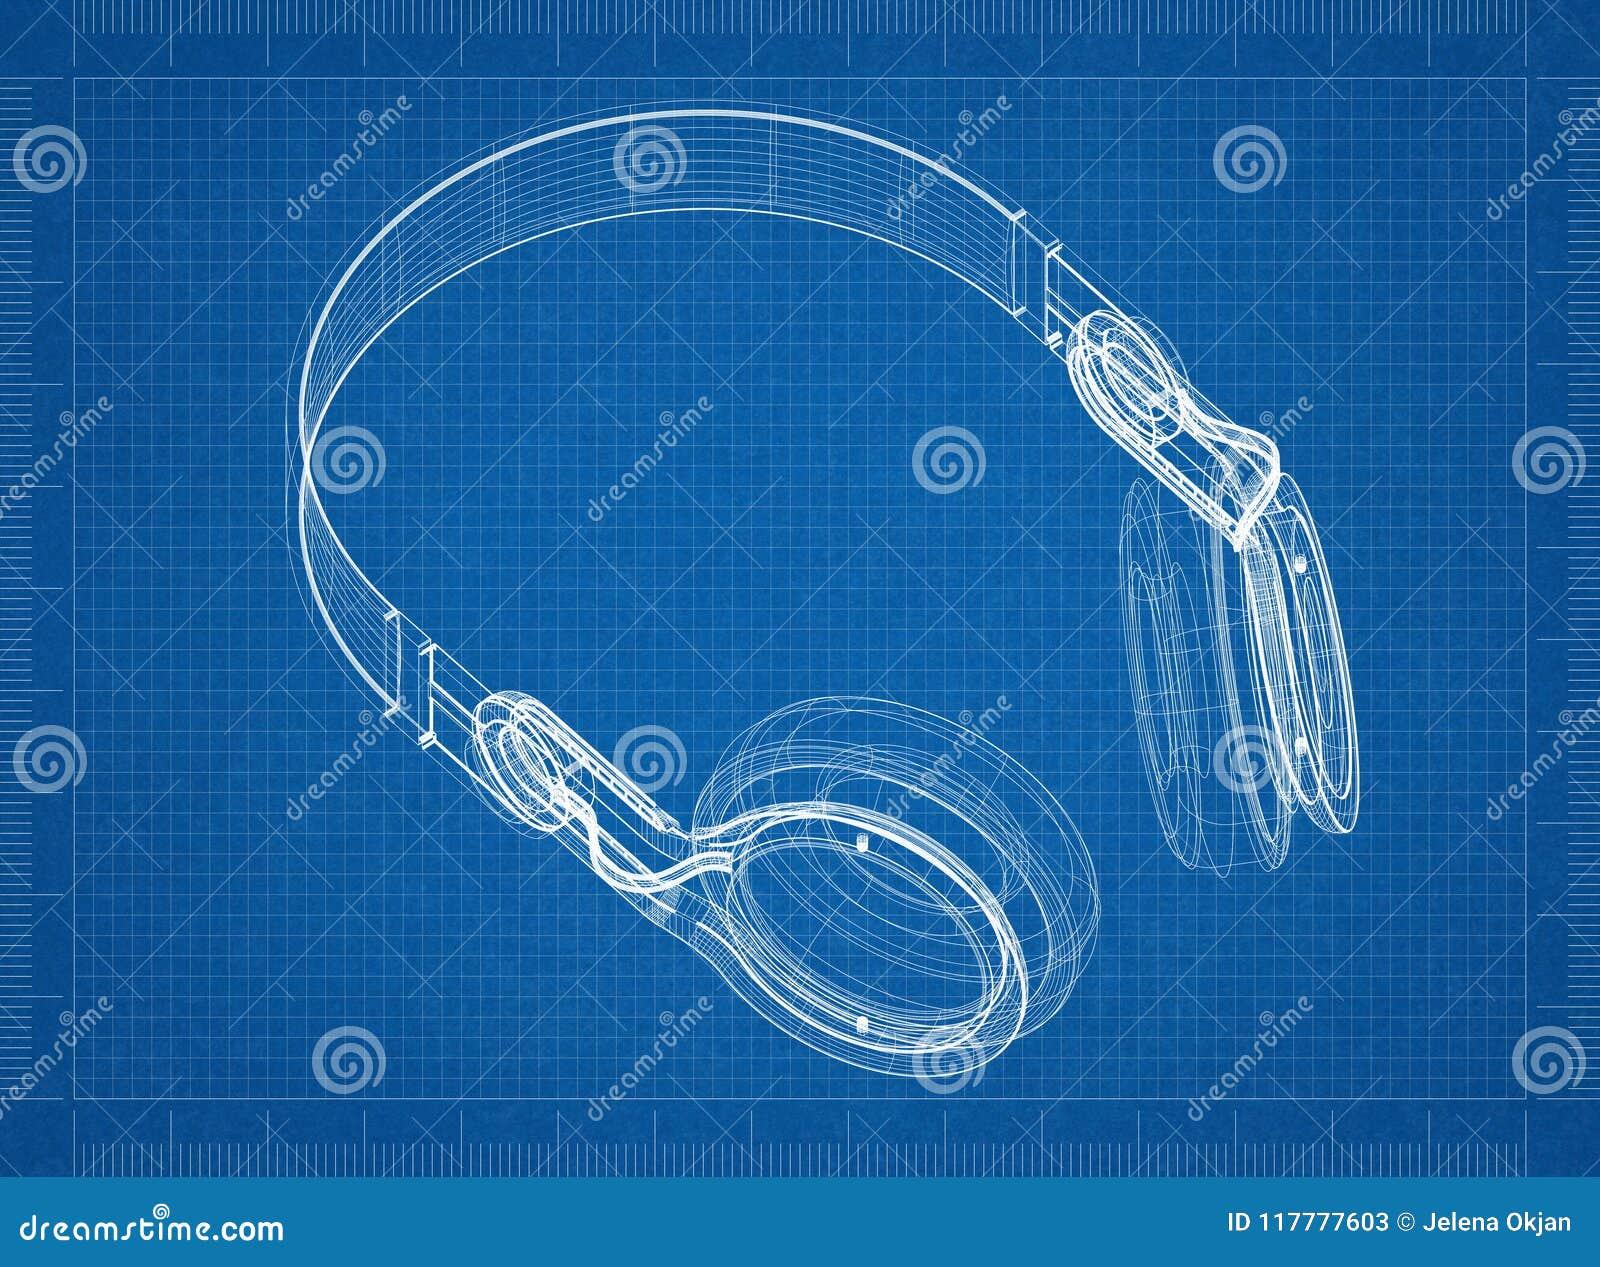 Headphones architect blueprint stock illustration illustration of download headphones architect blueprint stock illustration illustration of paper concept 117777603 malvernweather Images